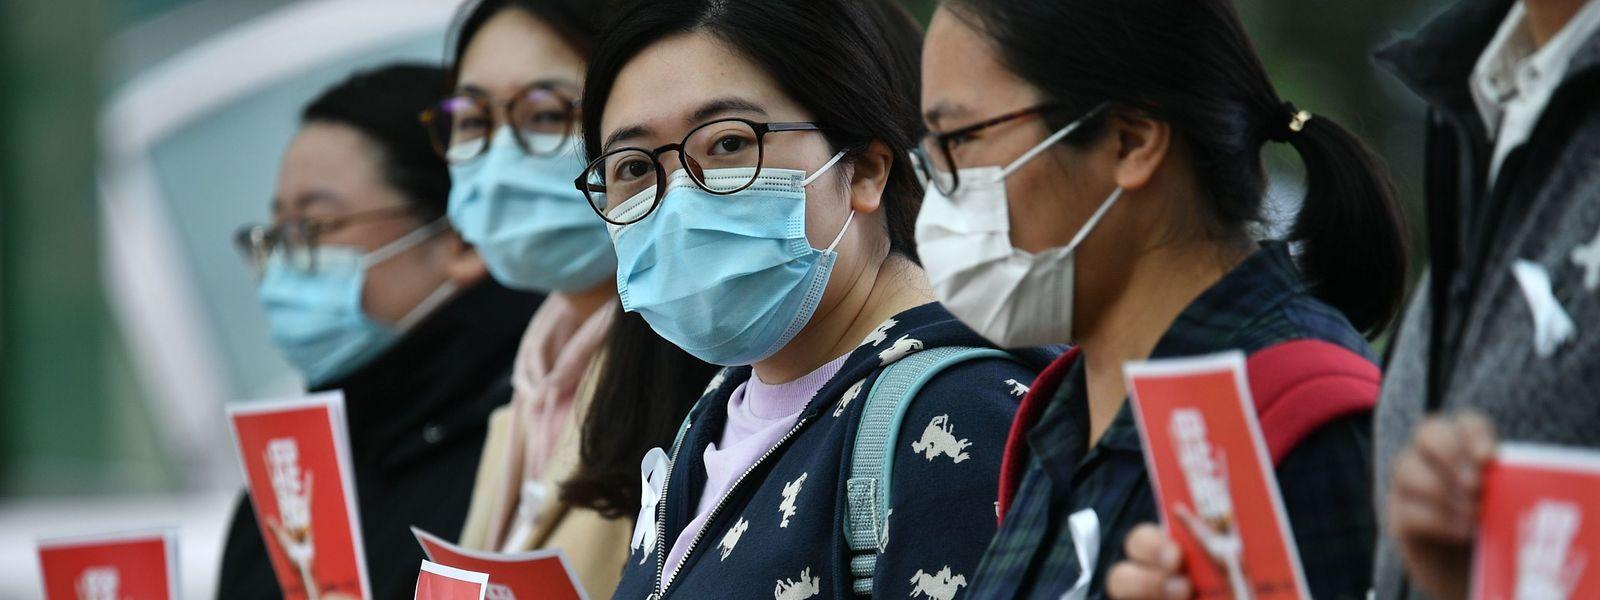 A Hong Kong, certains personnels soignants se sont mis en grève, réclamant plus de mesures de protection.